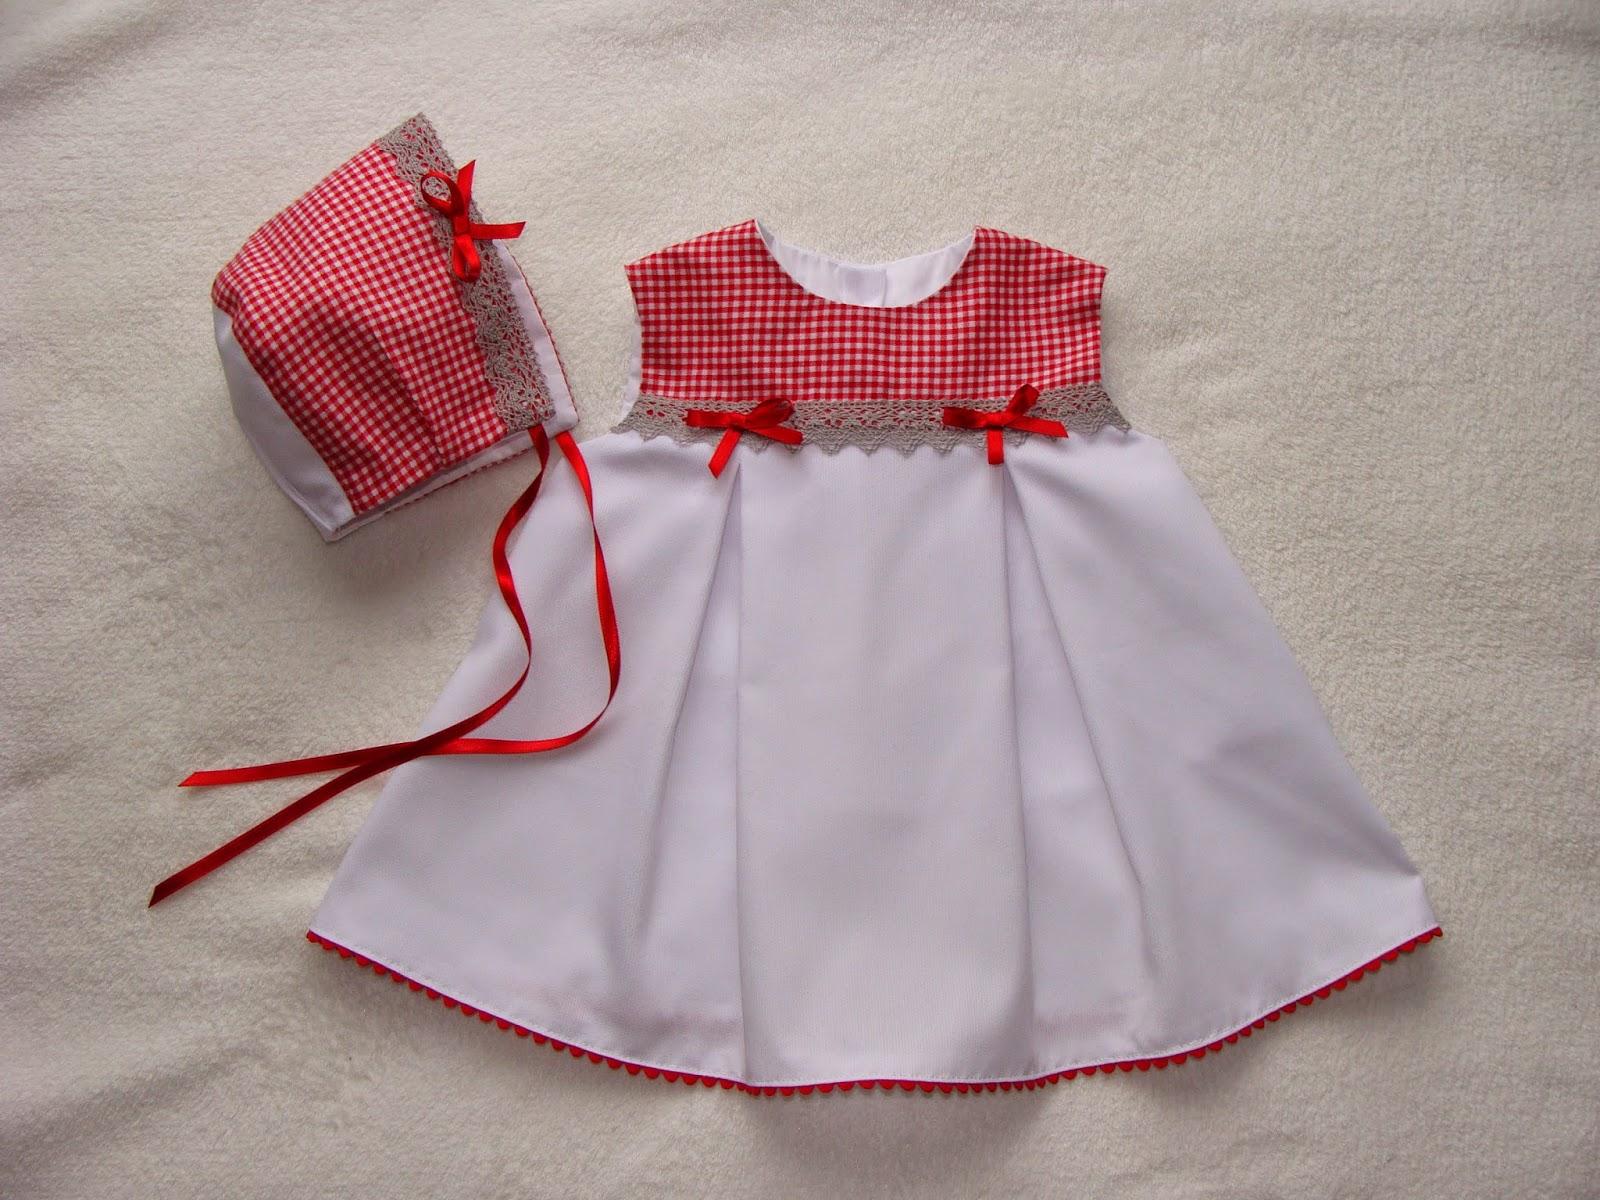 201e7c6df Este conjunto esta confeccionado en pique canutillo color blanco con  detalles en algodon. Vestido y gorrito forrados para bebe de 3 meses.